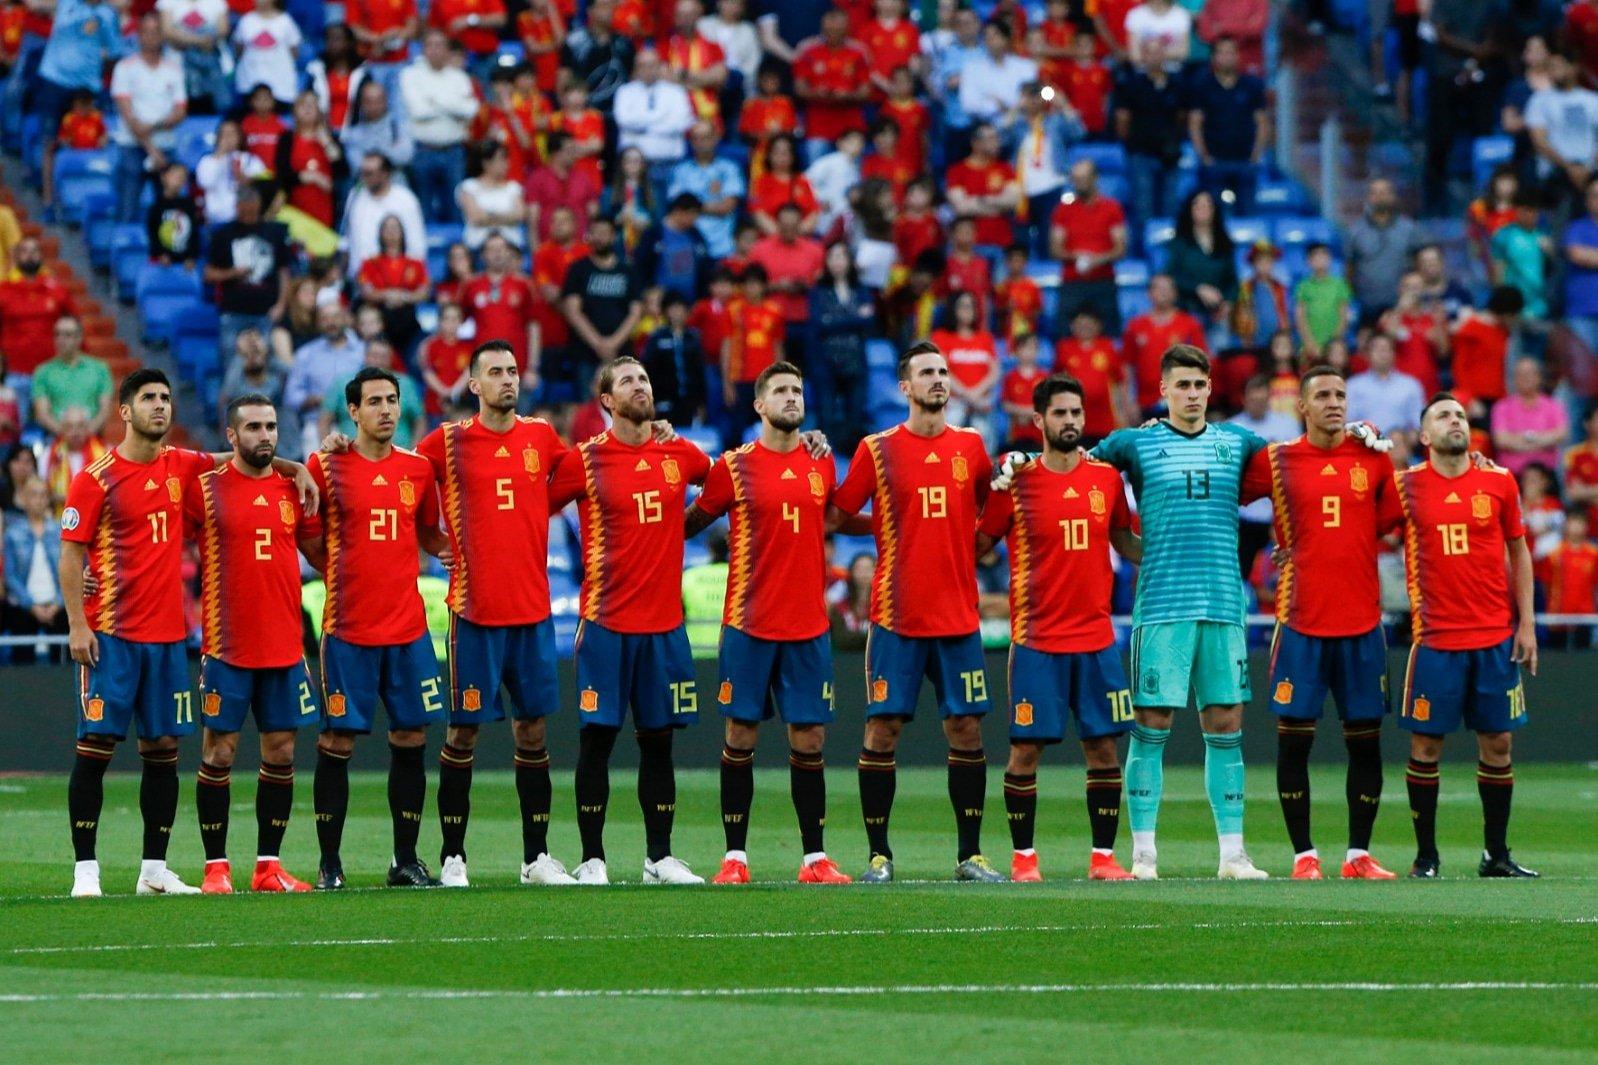 Hilo de la selección de España - Página 2 D8yFKlUXsAAtg2k